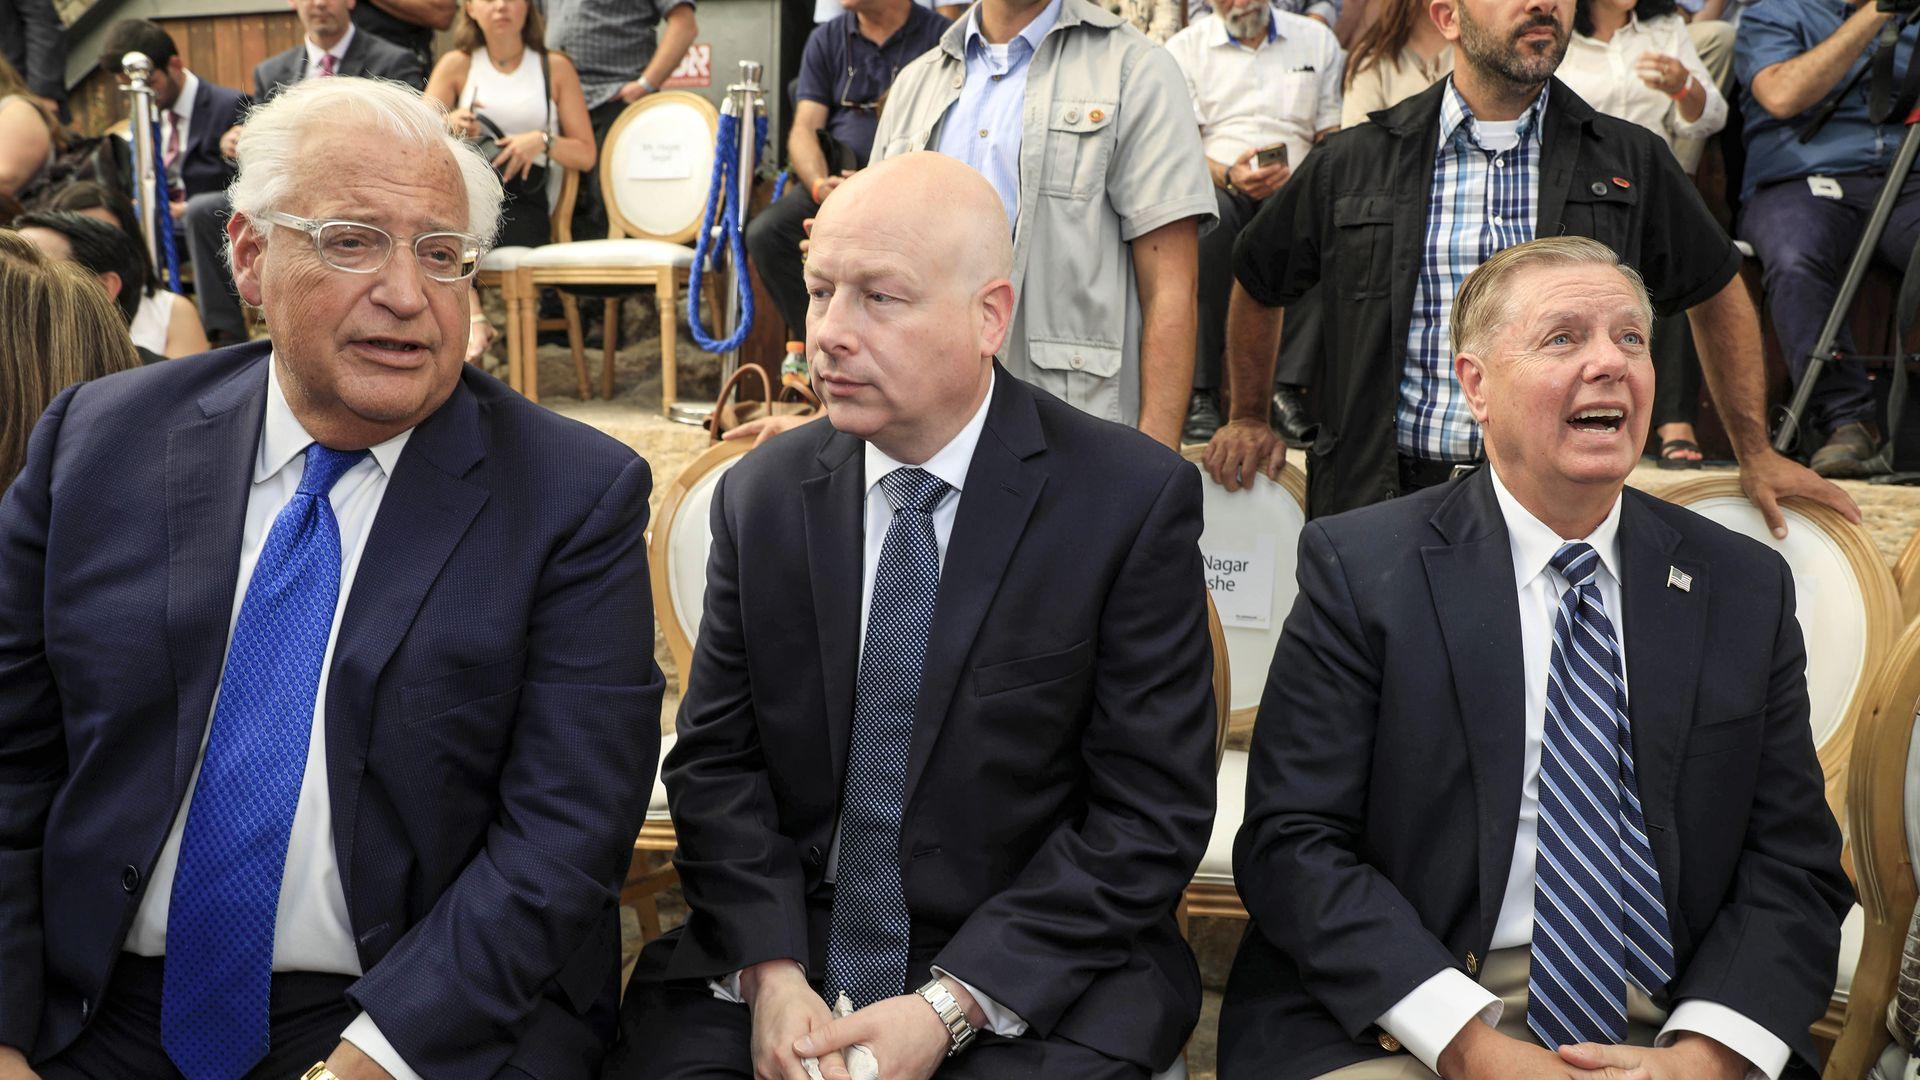 David Friedman, Jason Greenblatt and Lindsey Graham